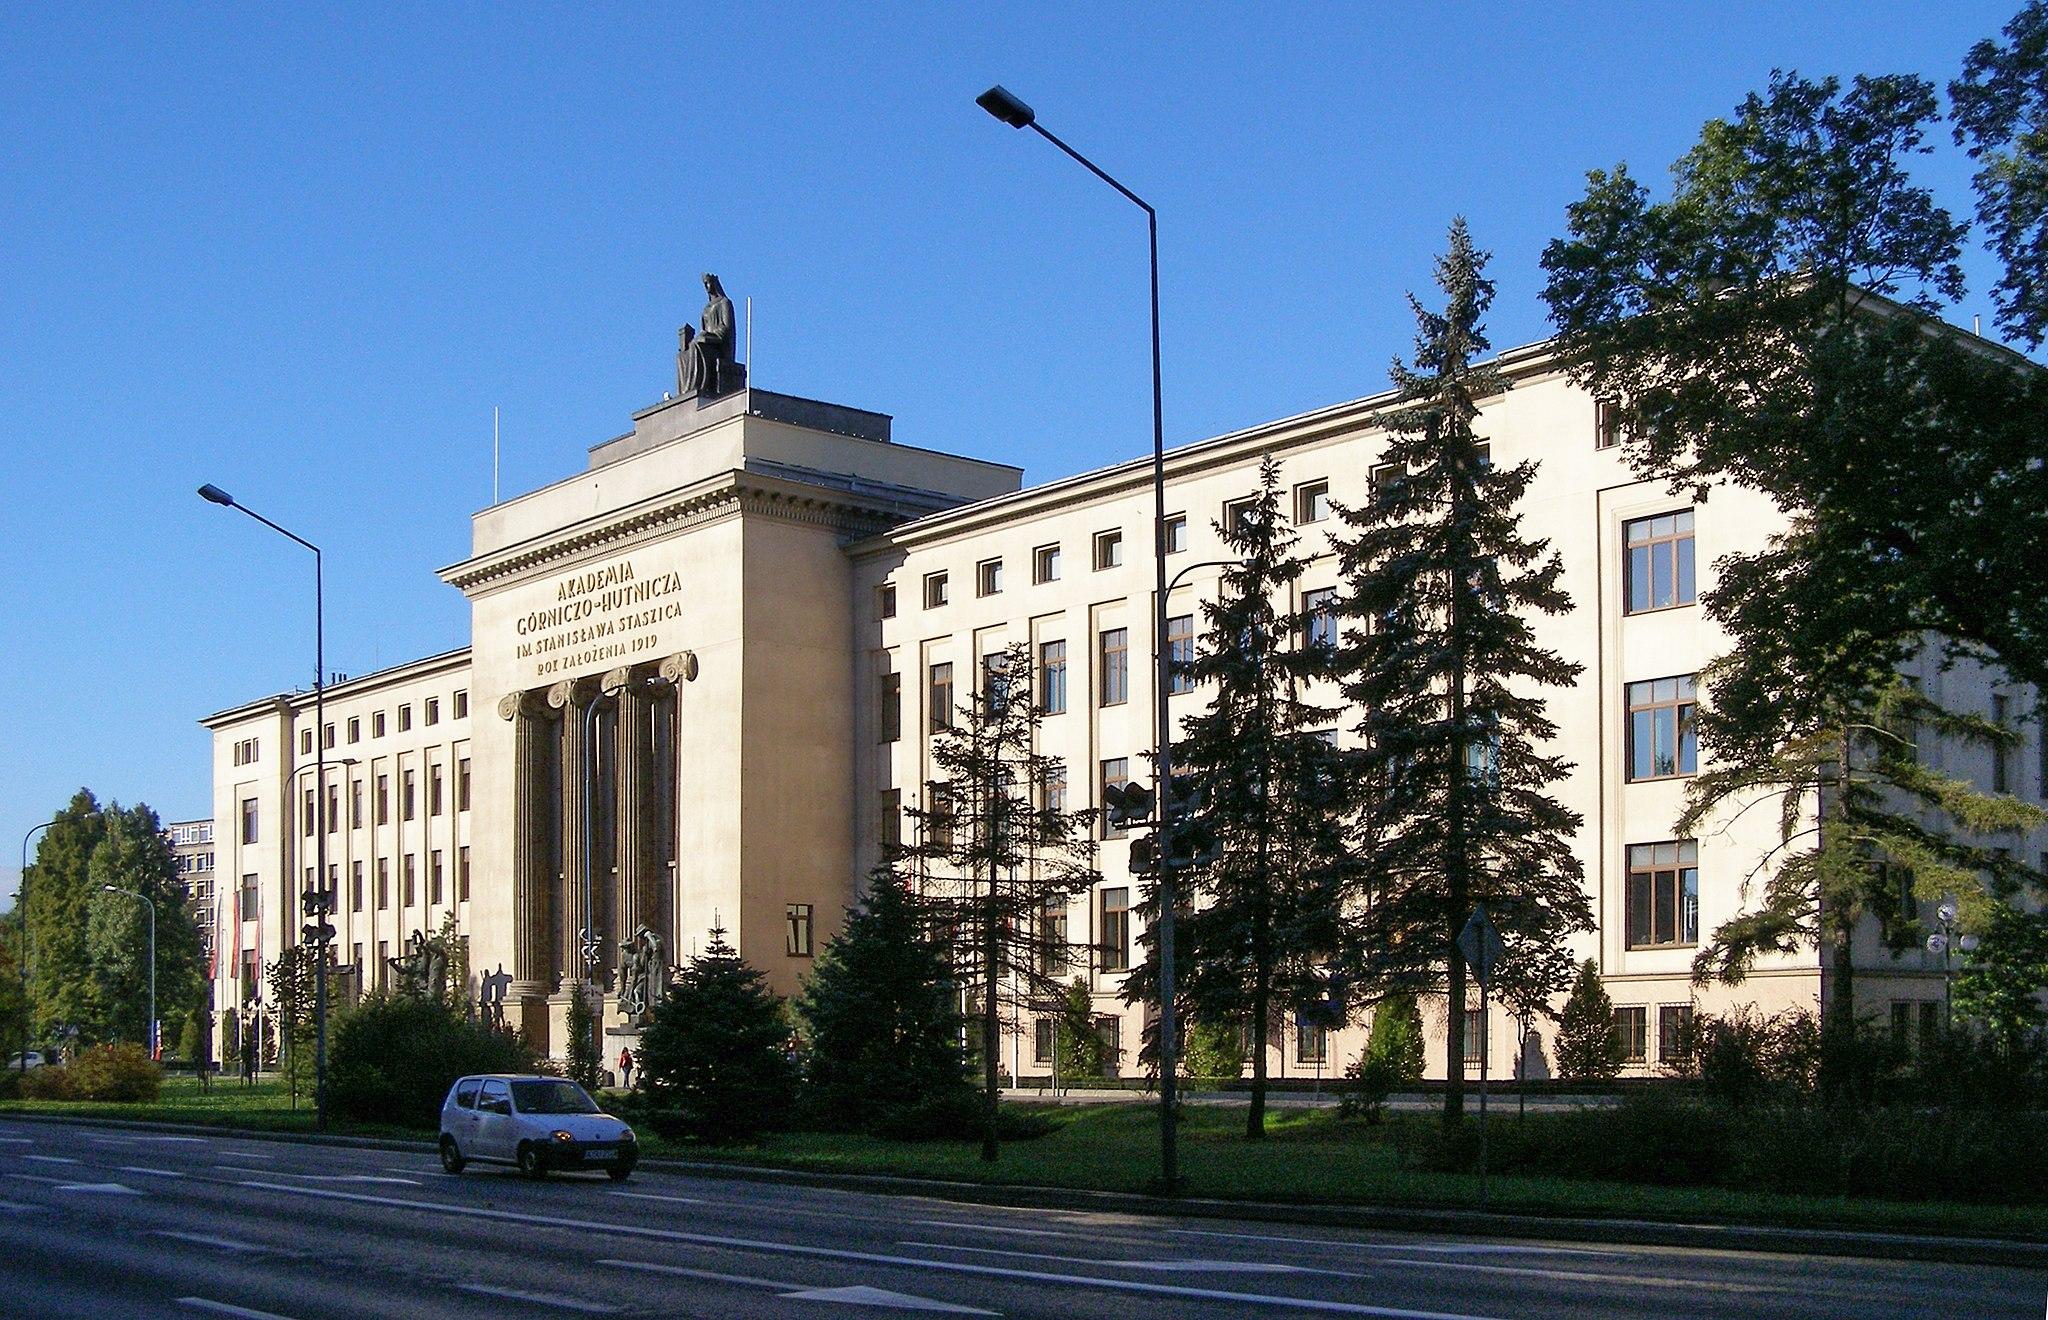 Autor zdjęć: Andrzej Otrębski Źródło zdjęć: https://pl.wikipedia.org/wiki/Akademia_Górniczo-Hutnicza_im._Stanisława_Staszica_w_Krakowie